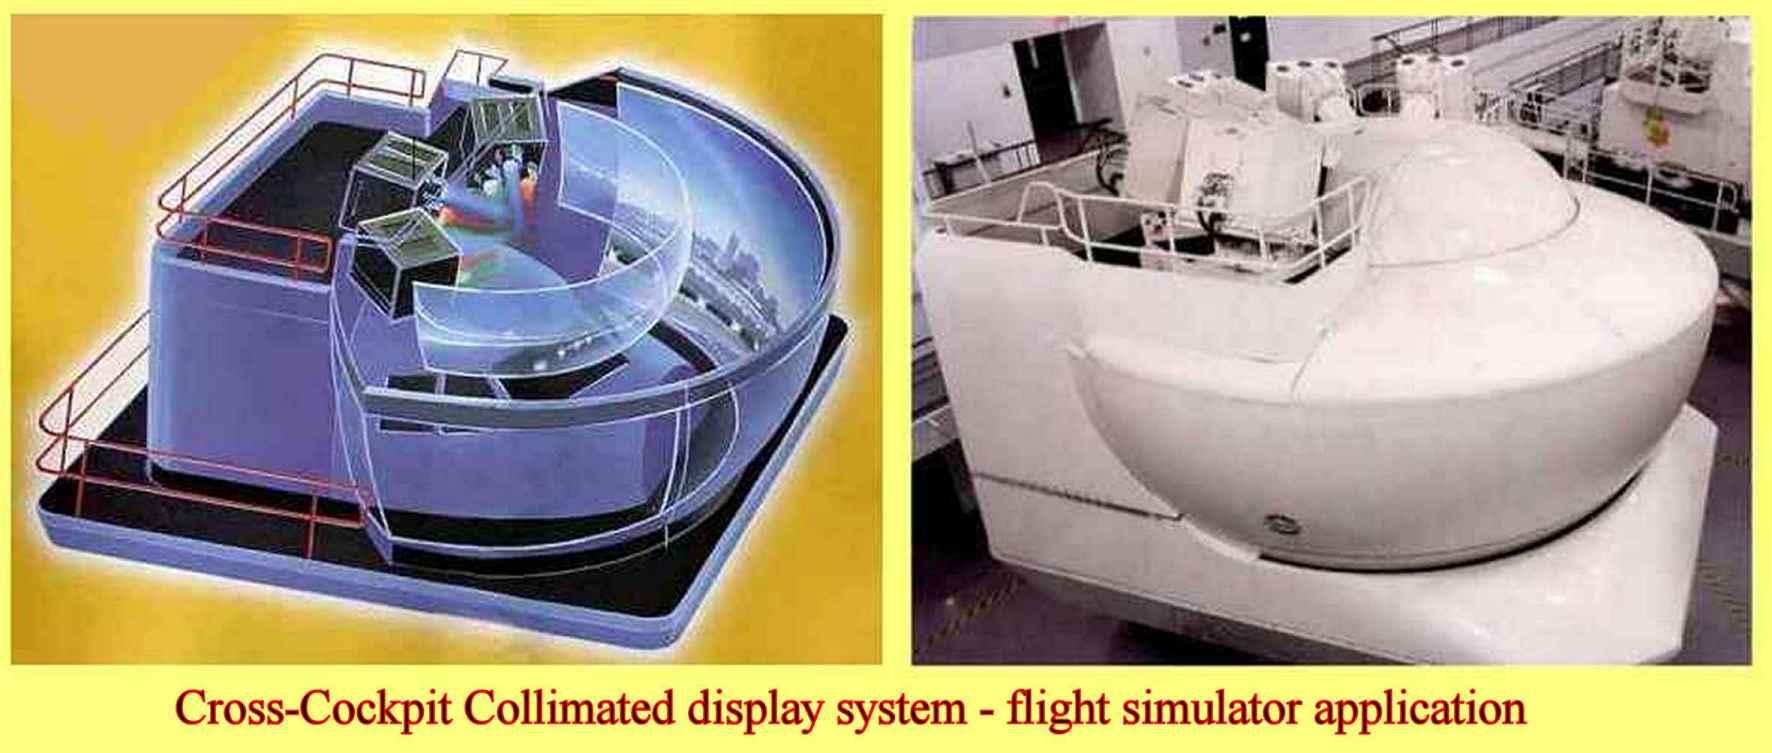 Utilisation du collimateur pour l'application de simulateur de vol et CCCD